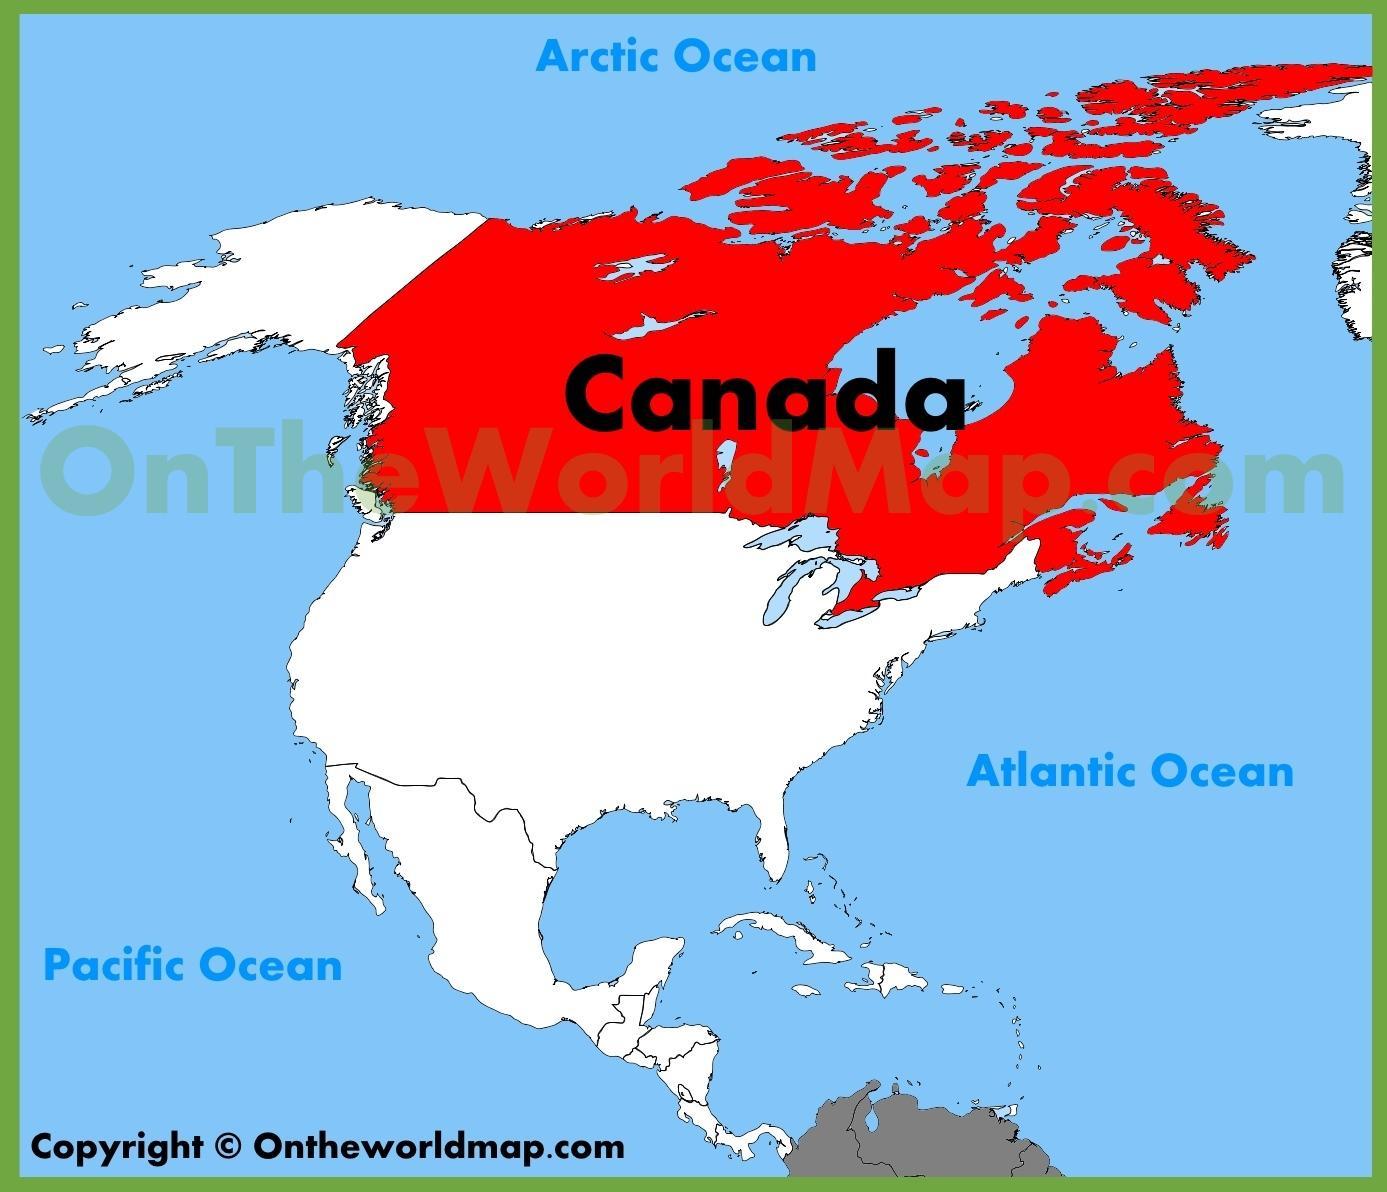 Kanada Karta Svijeta.Sjeverna Amerika Kanada Karta Karta Sjeverne Amerike I Kanade